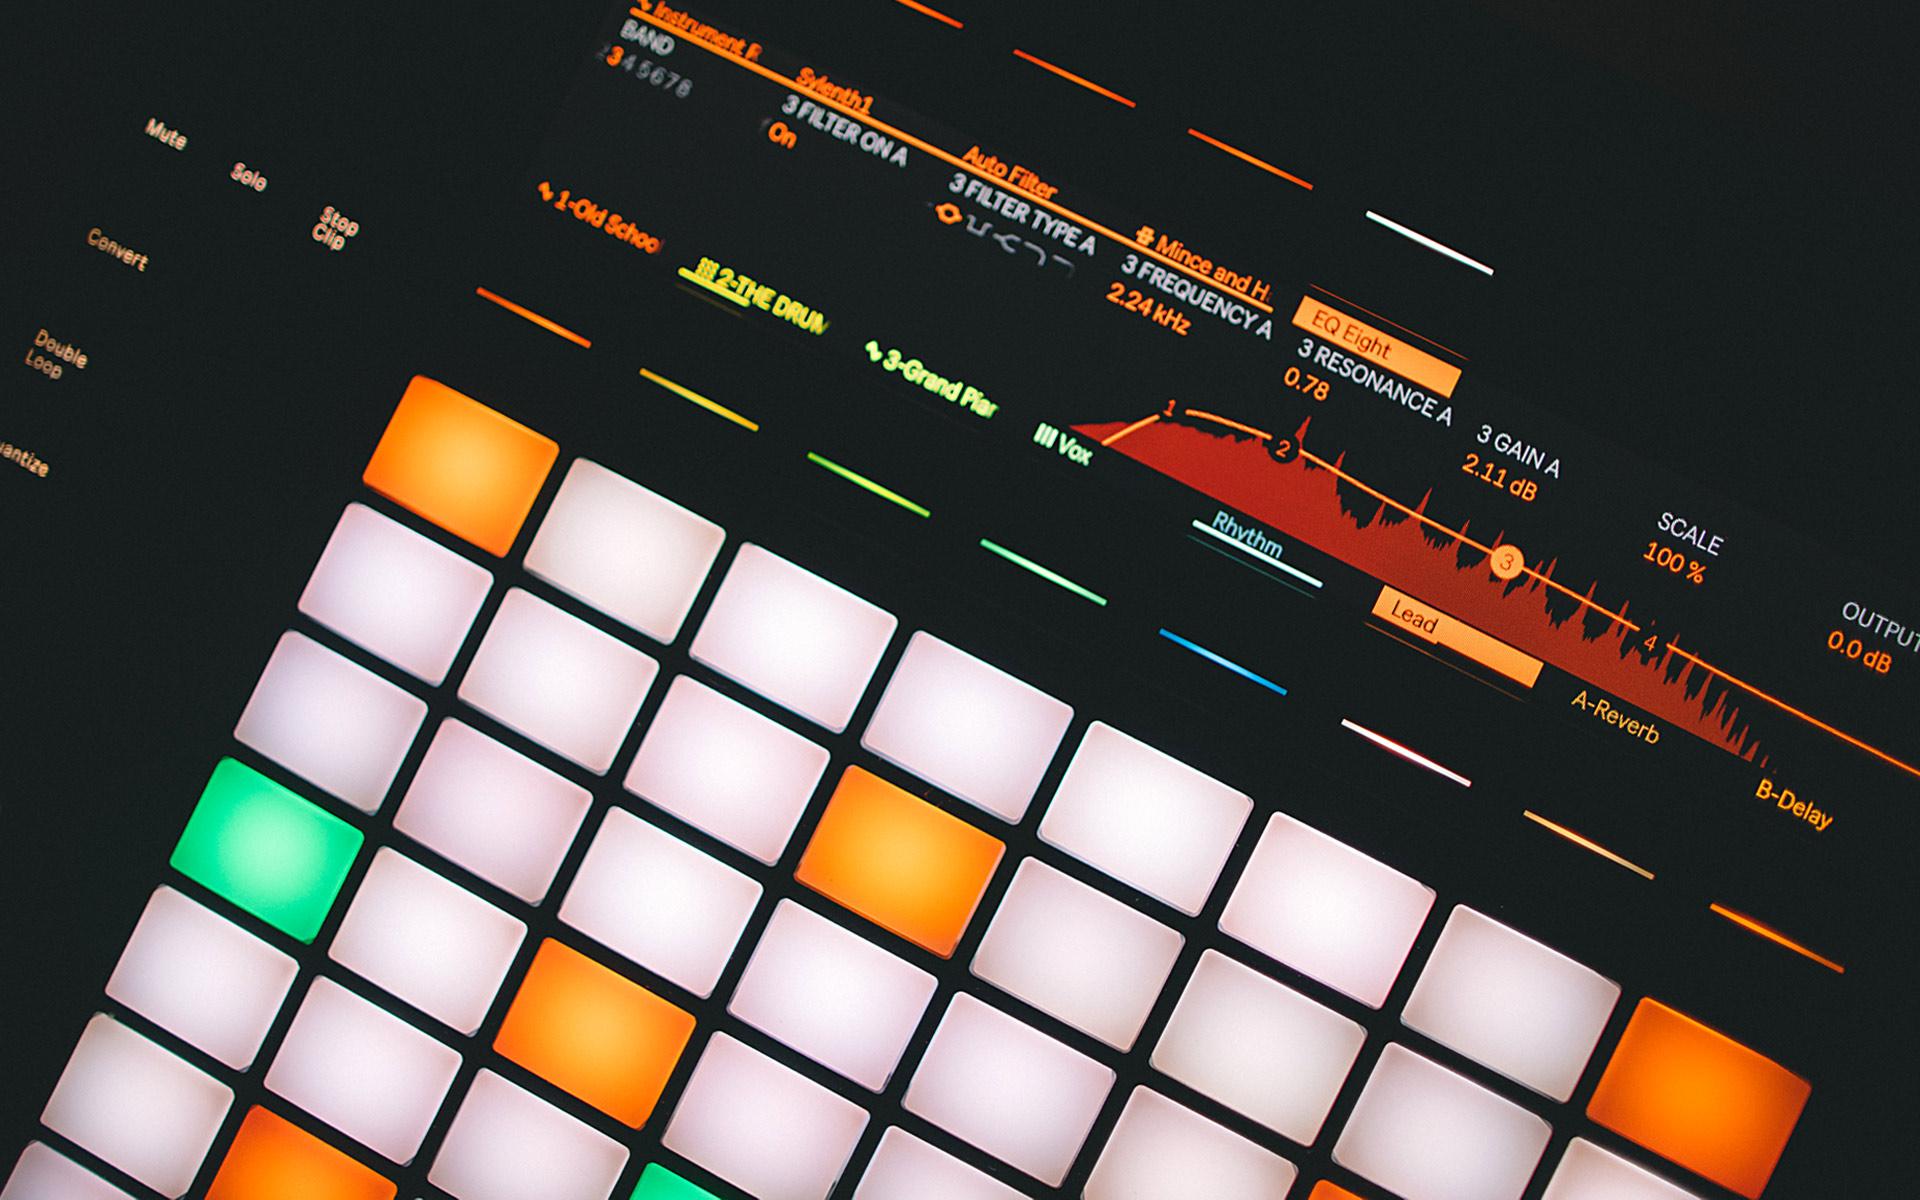 Ableton Live Push